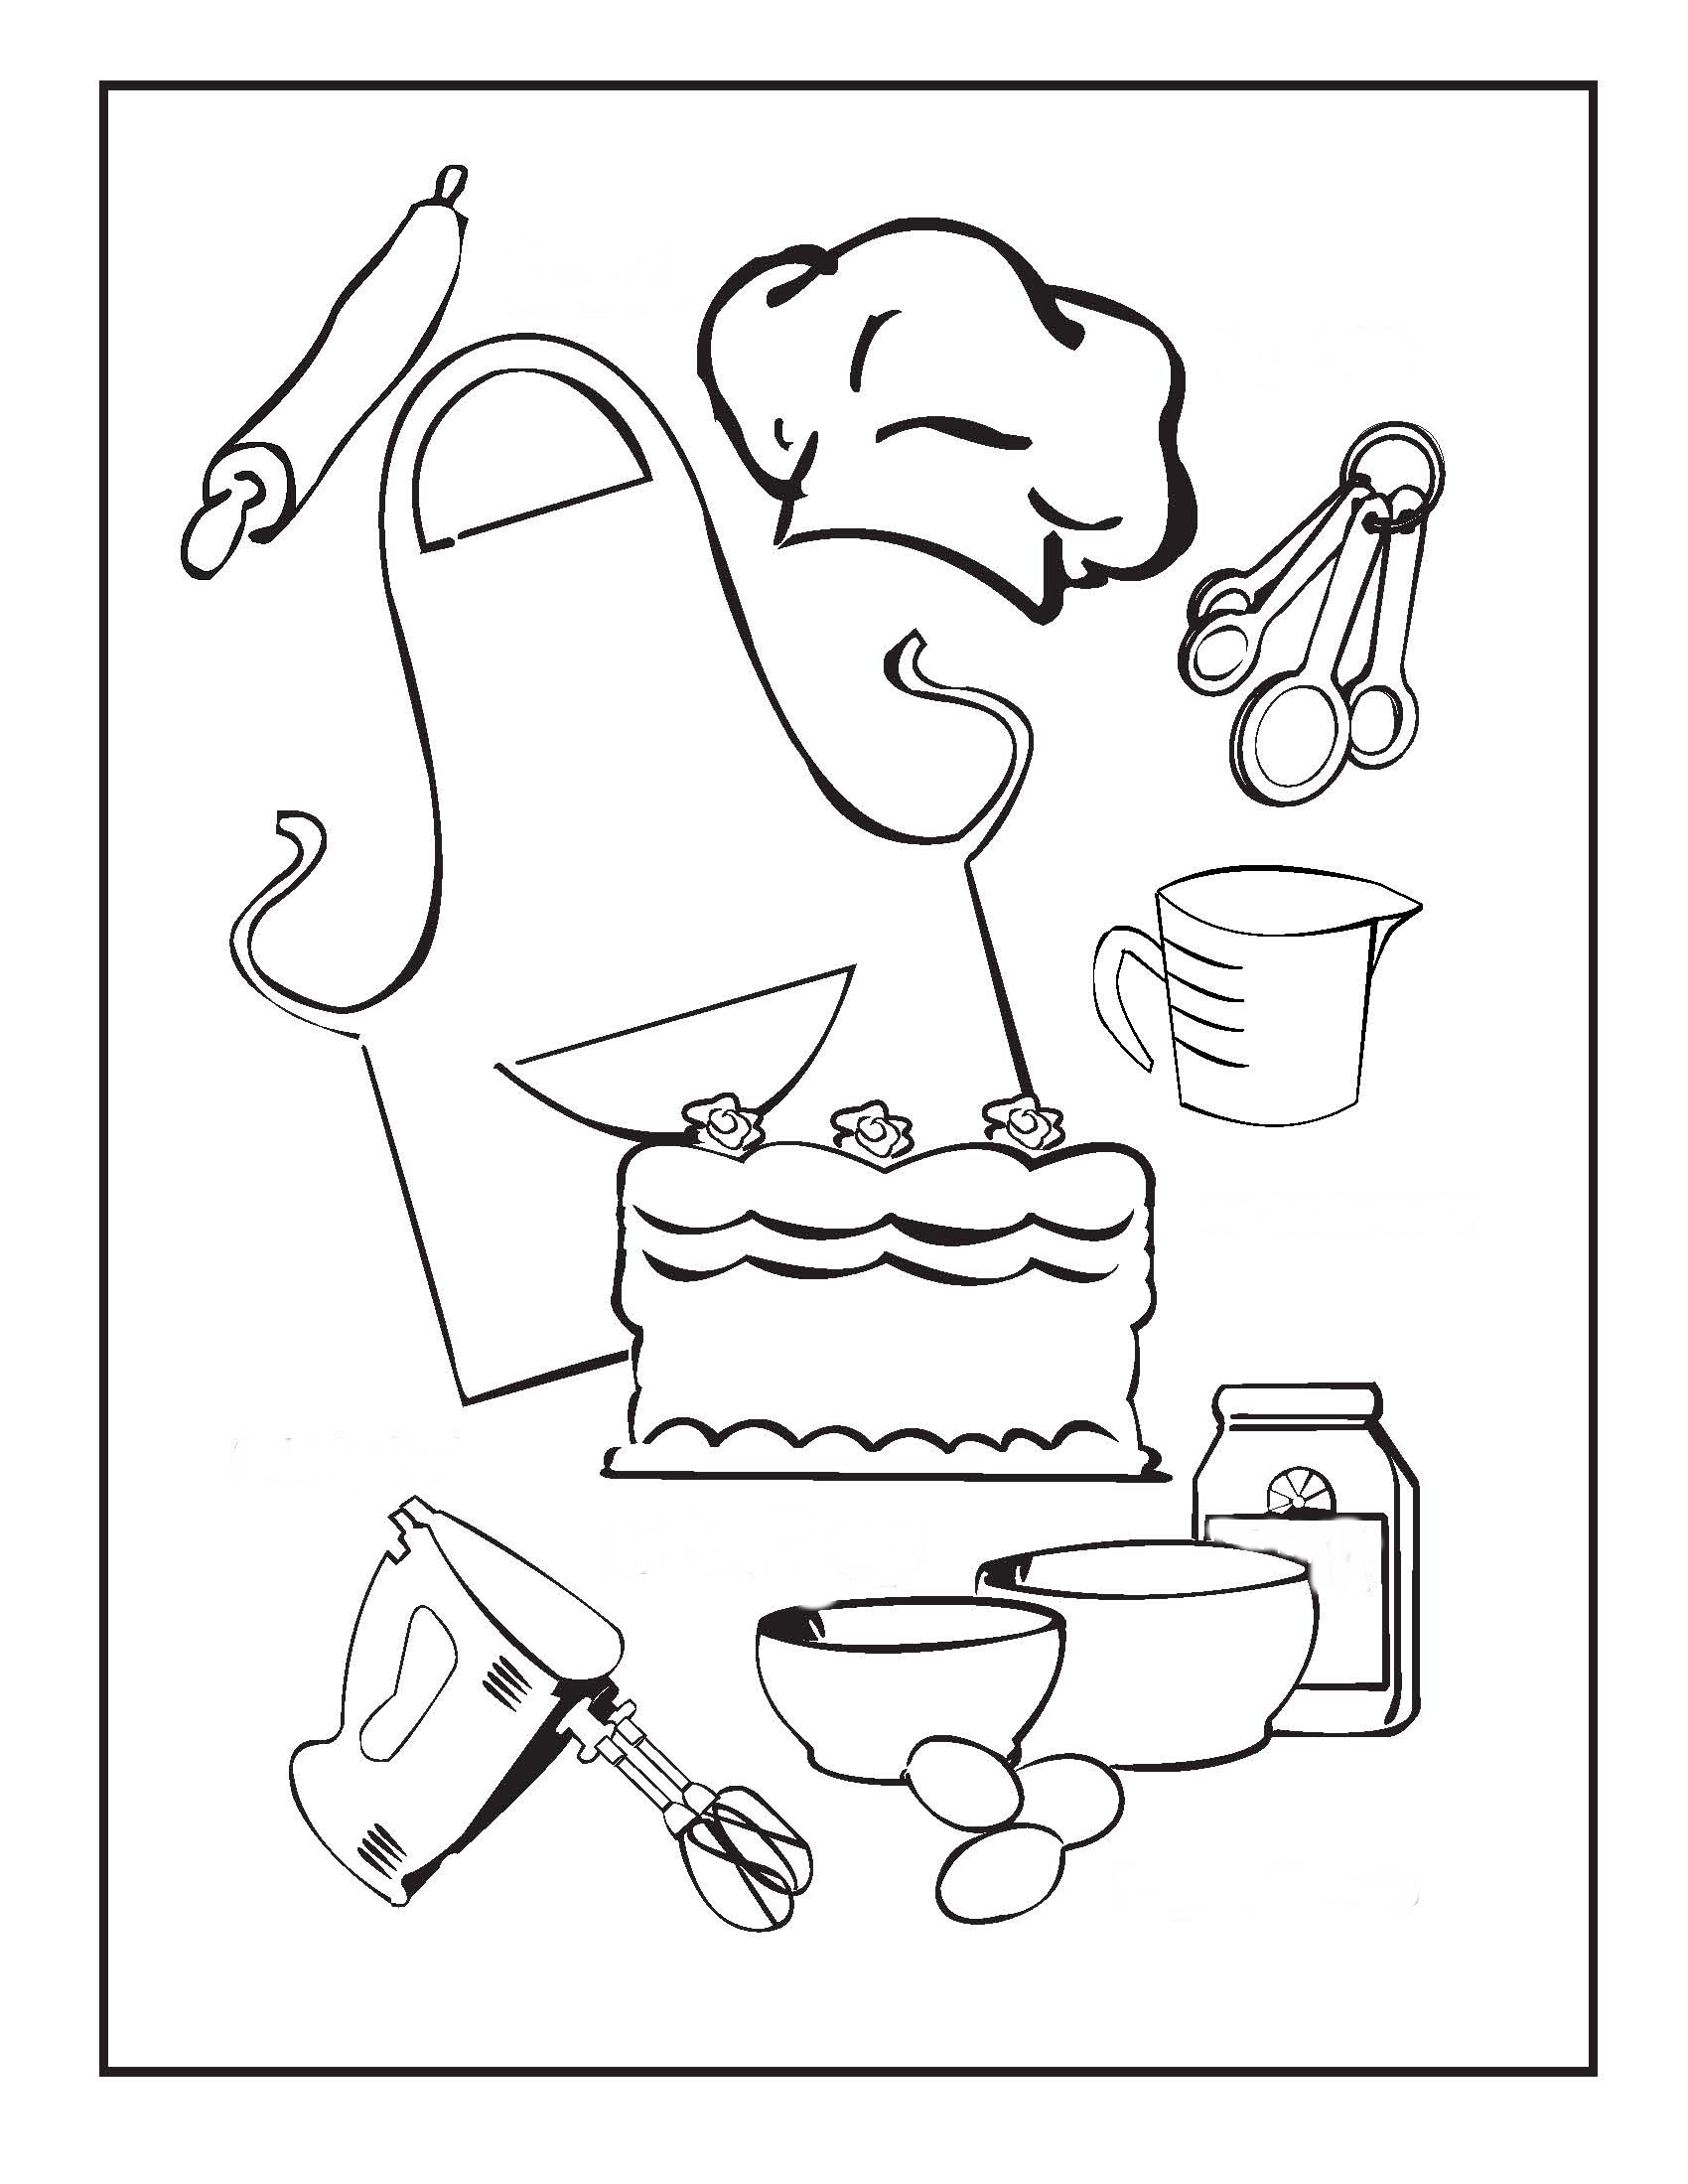 Baking Drawing At GetDrawings